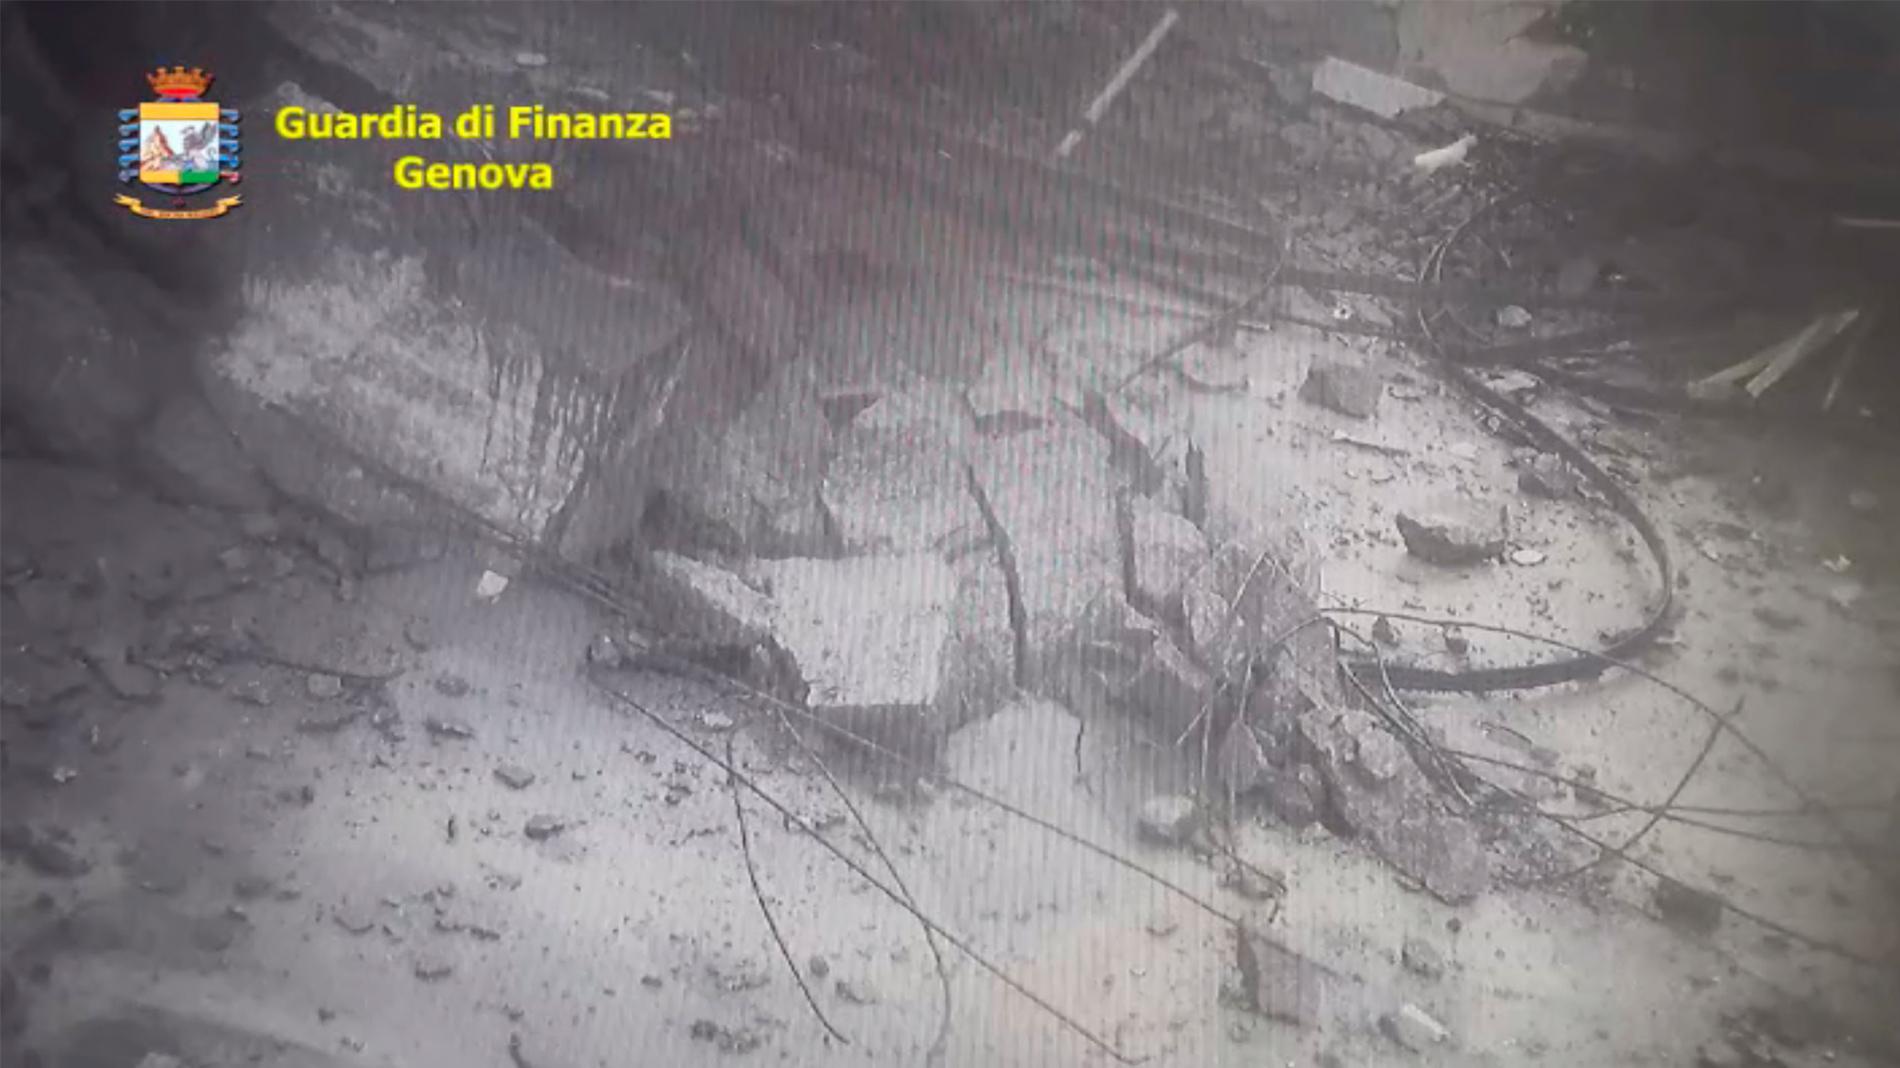 Salen a la luz nuevas imágenes de derrumbe del puente Morandi